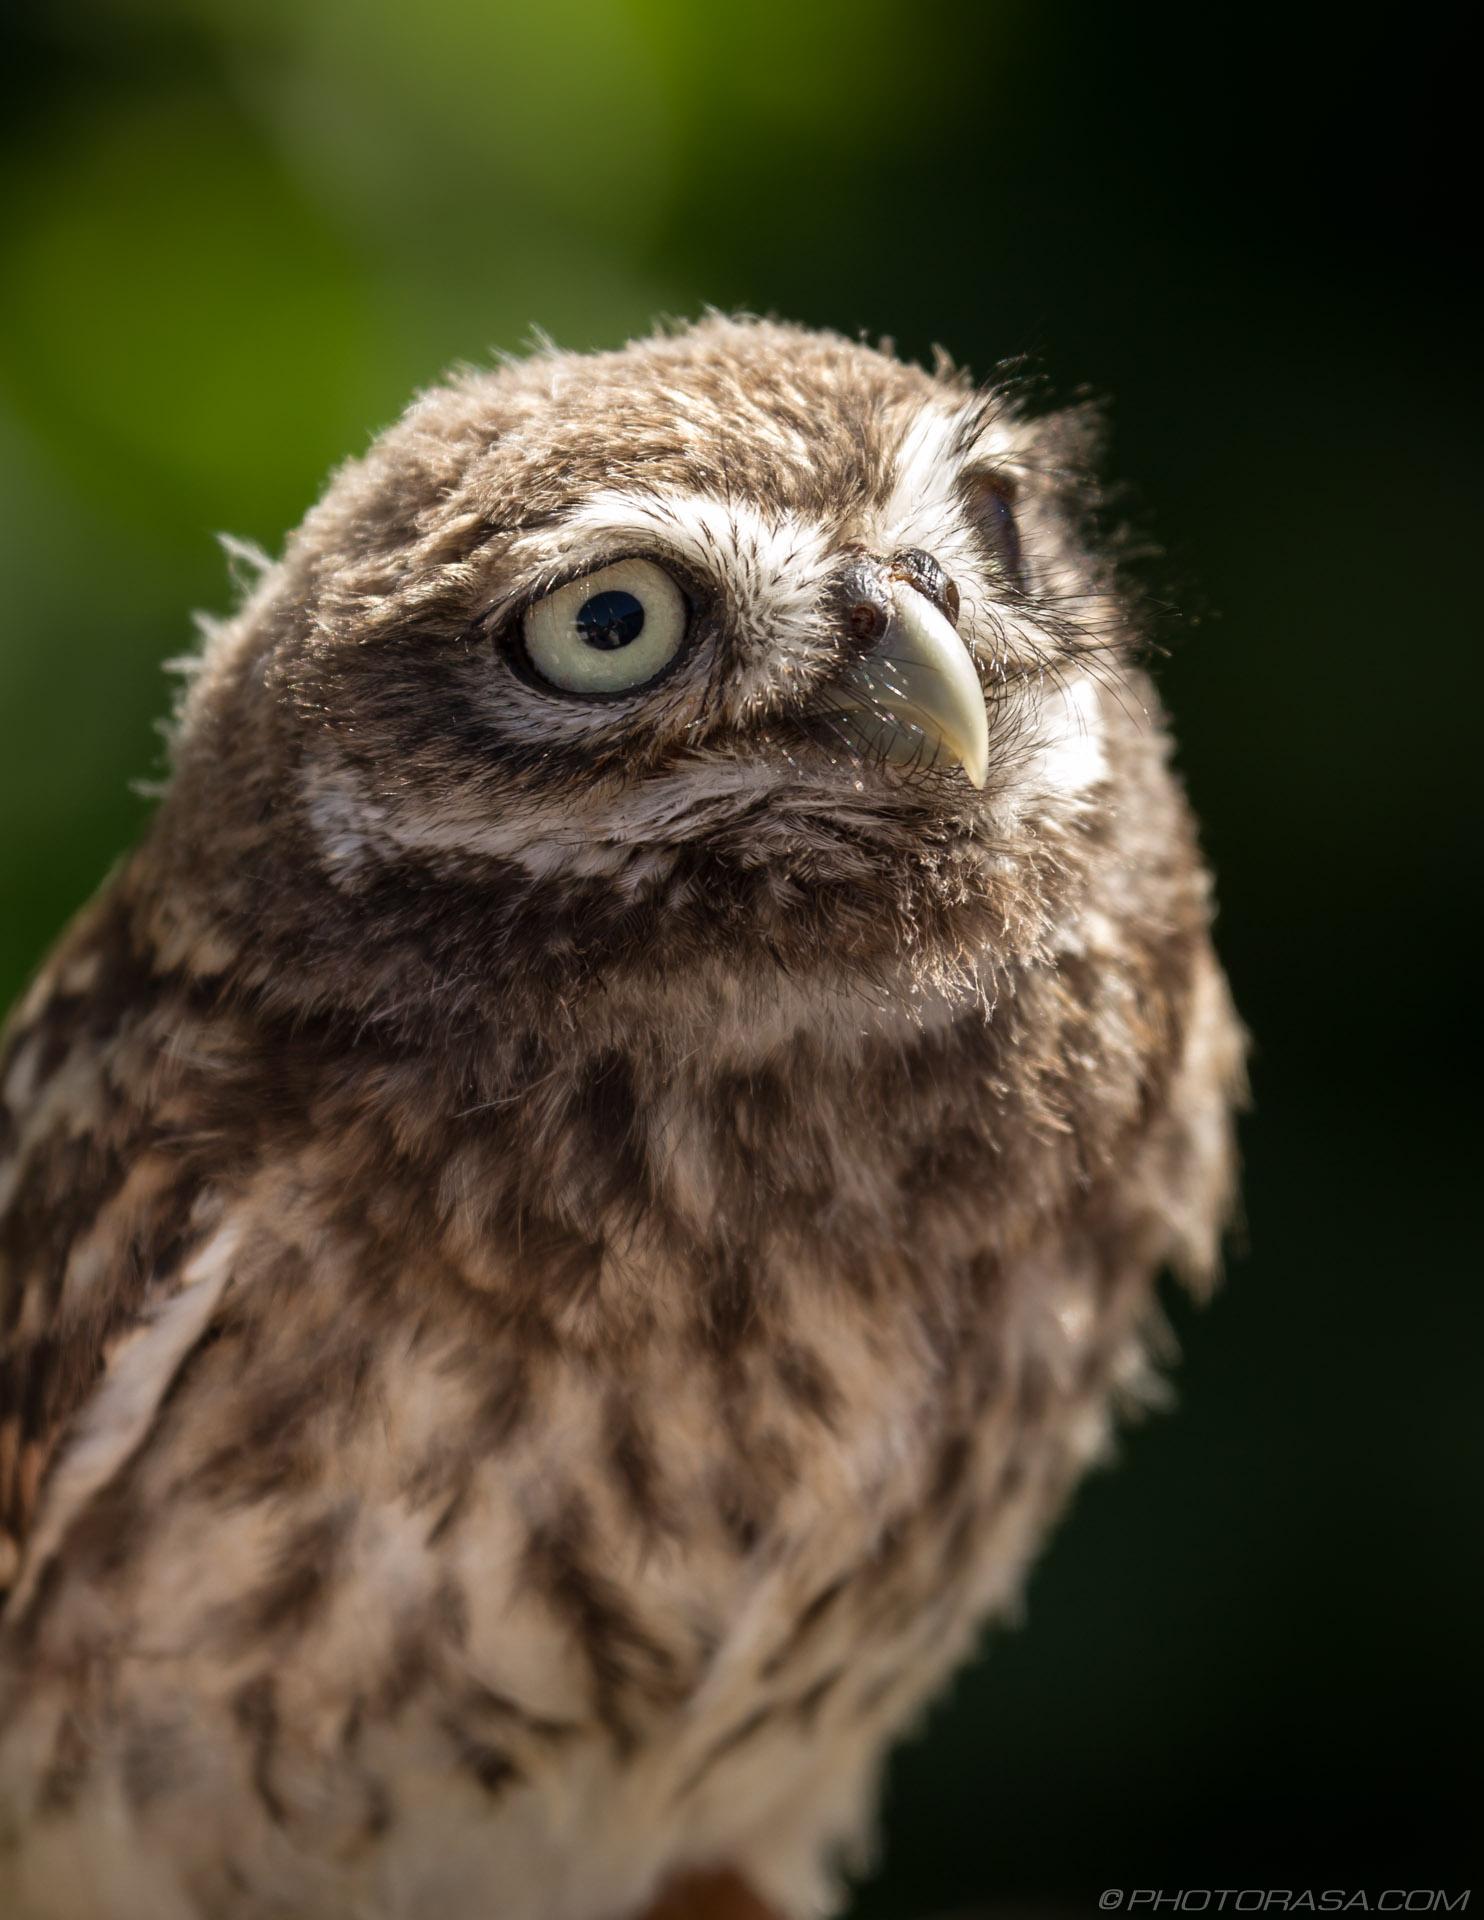 https://photorasa.com/owls/little-owl-6/